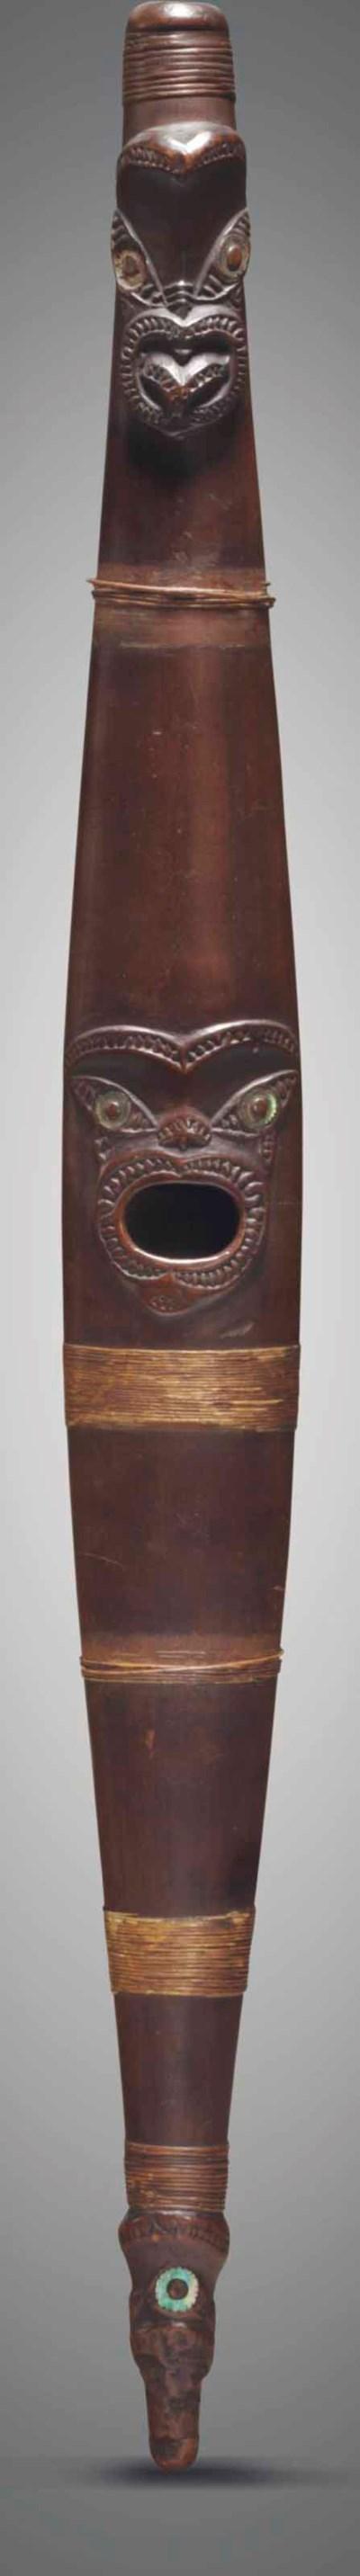 Flûte Maori, putorino Maori fl